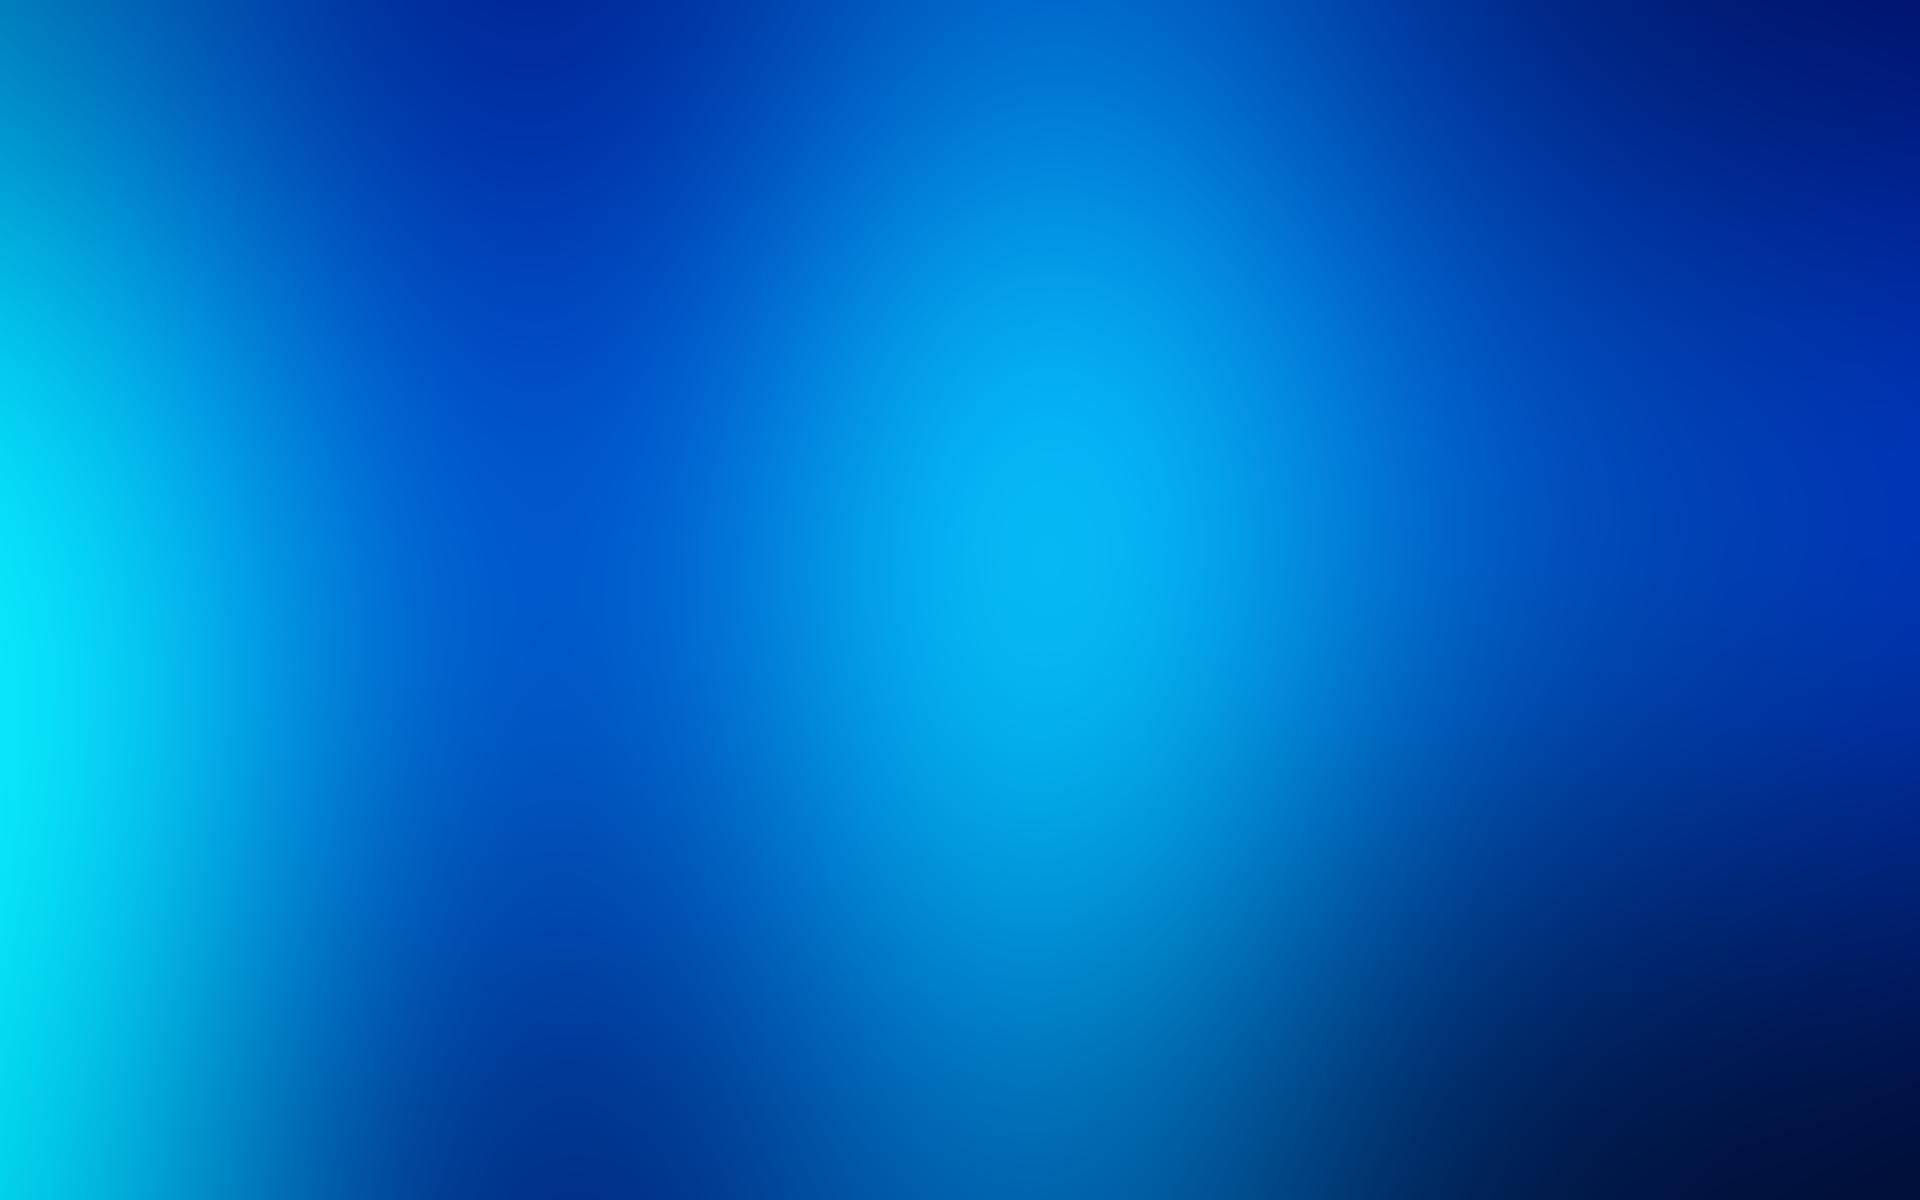 blue wallpaper high - photo #2